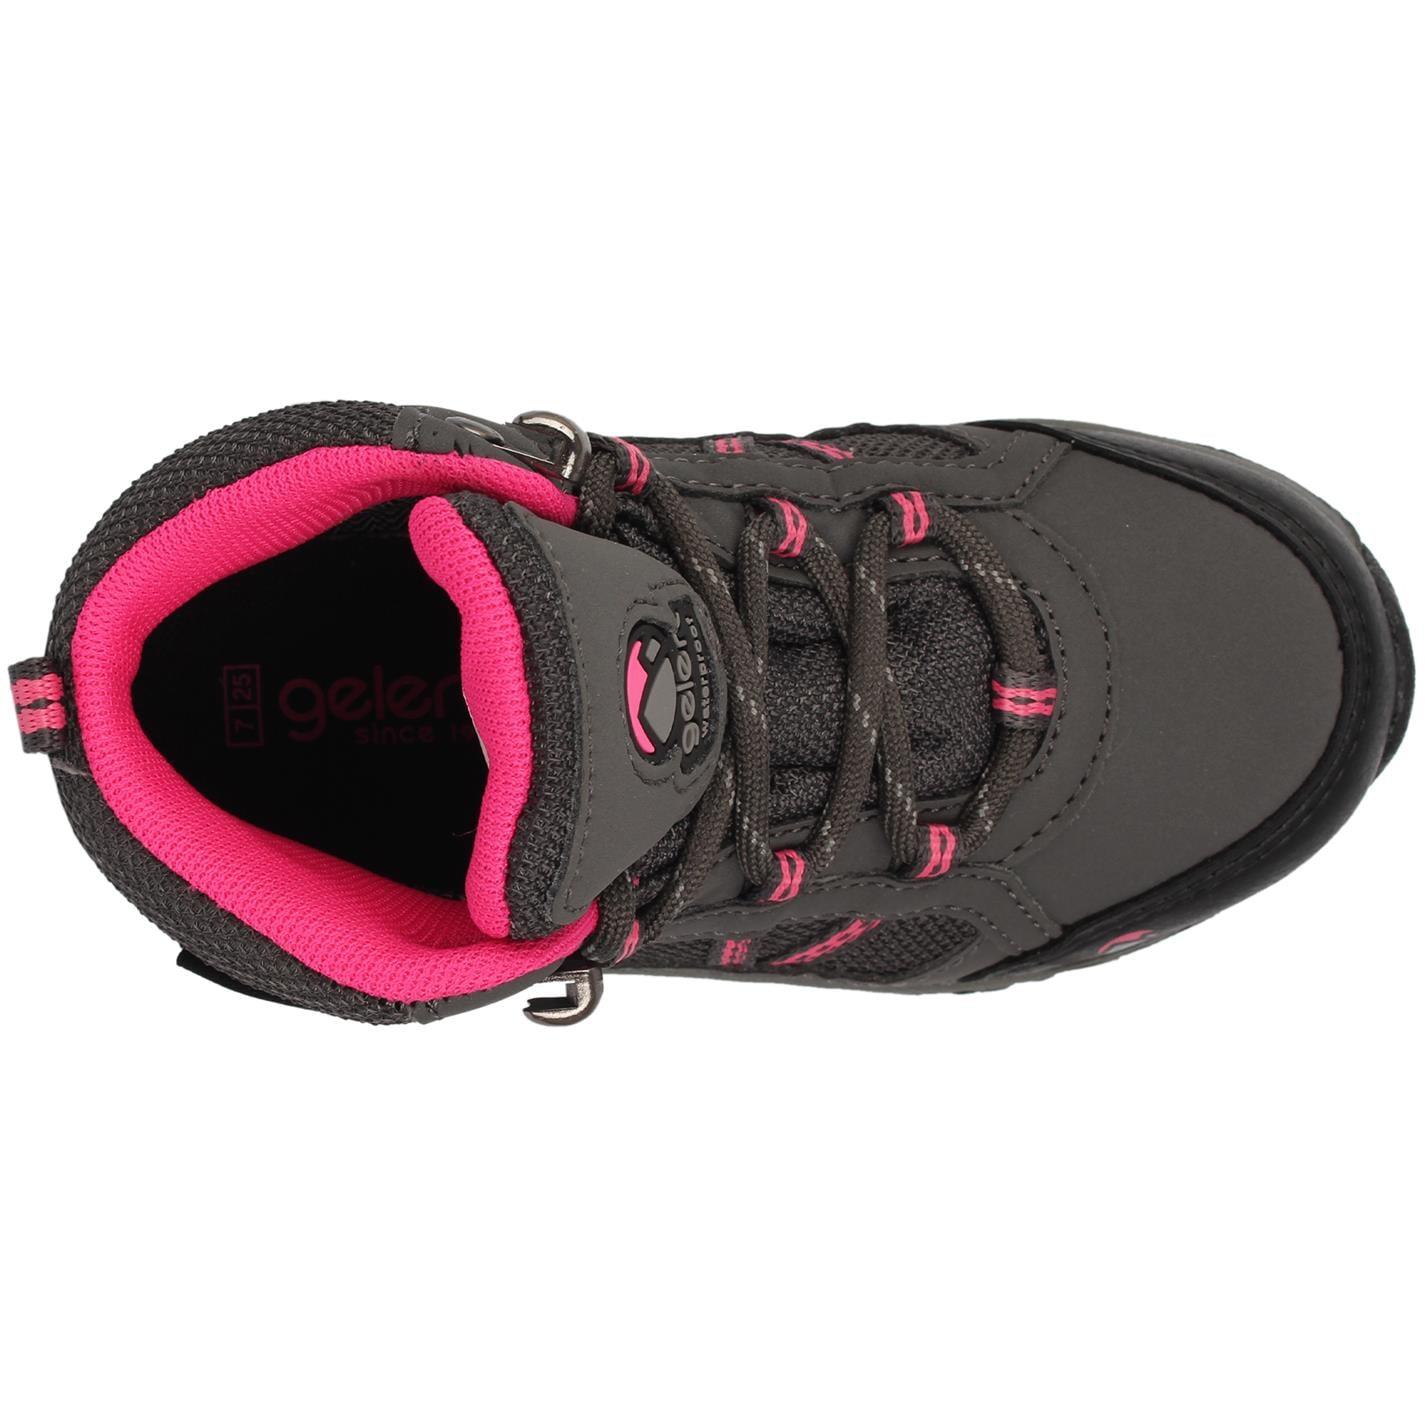 Gelert Horizon Mid Waterproof Infants Walking Boots